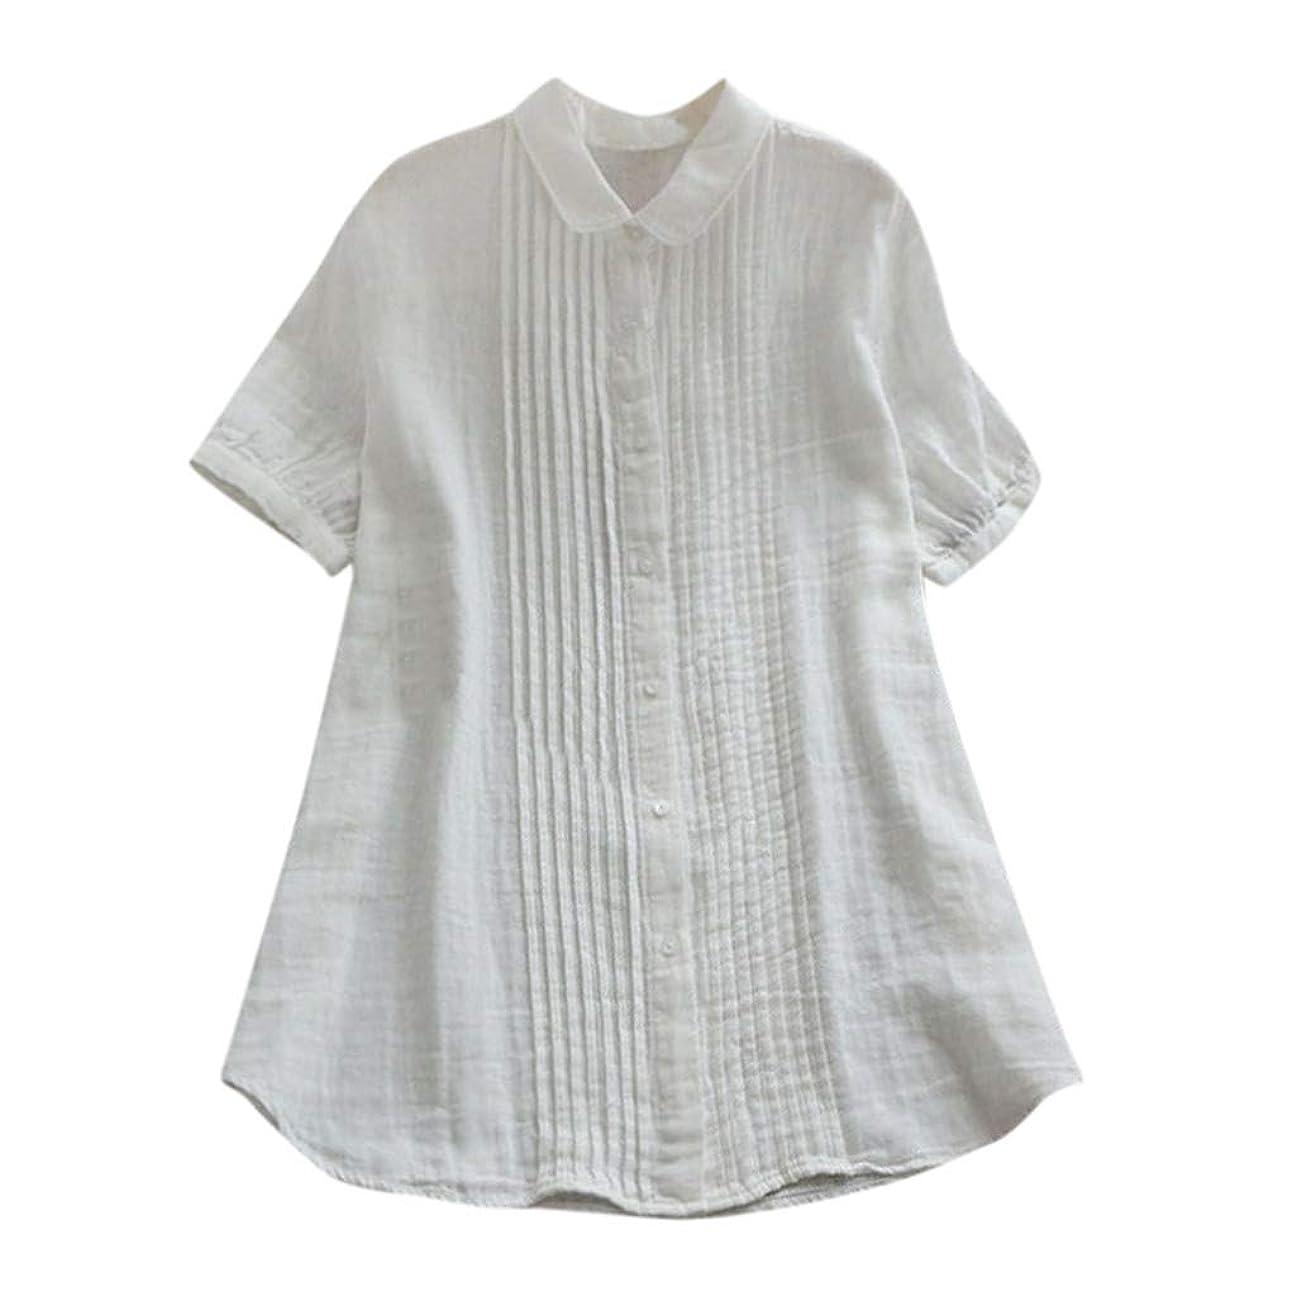 ヘルシーズームインするゲスト女性の半袖Tシャツ - ピーターパンカラー夏緩い無地カジュアルダウントップスブラウス (白, XL)